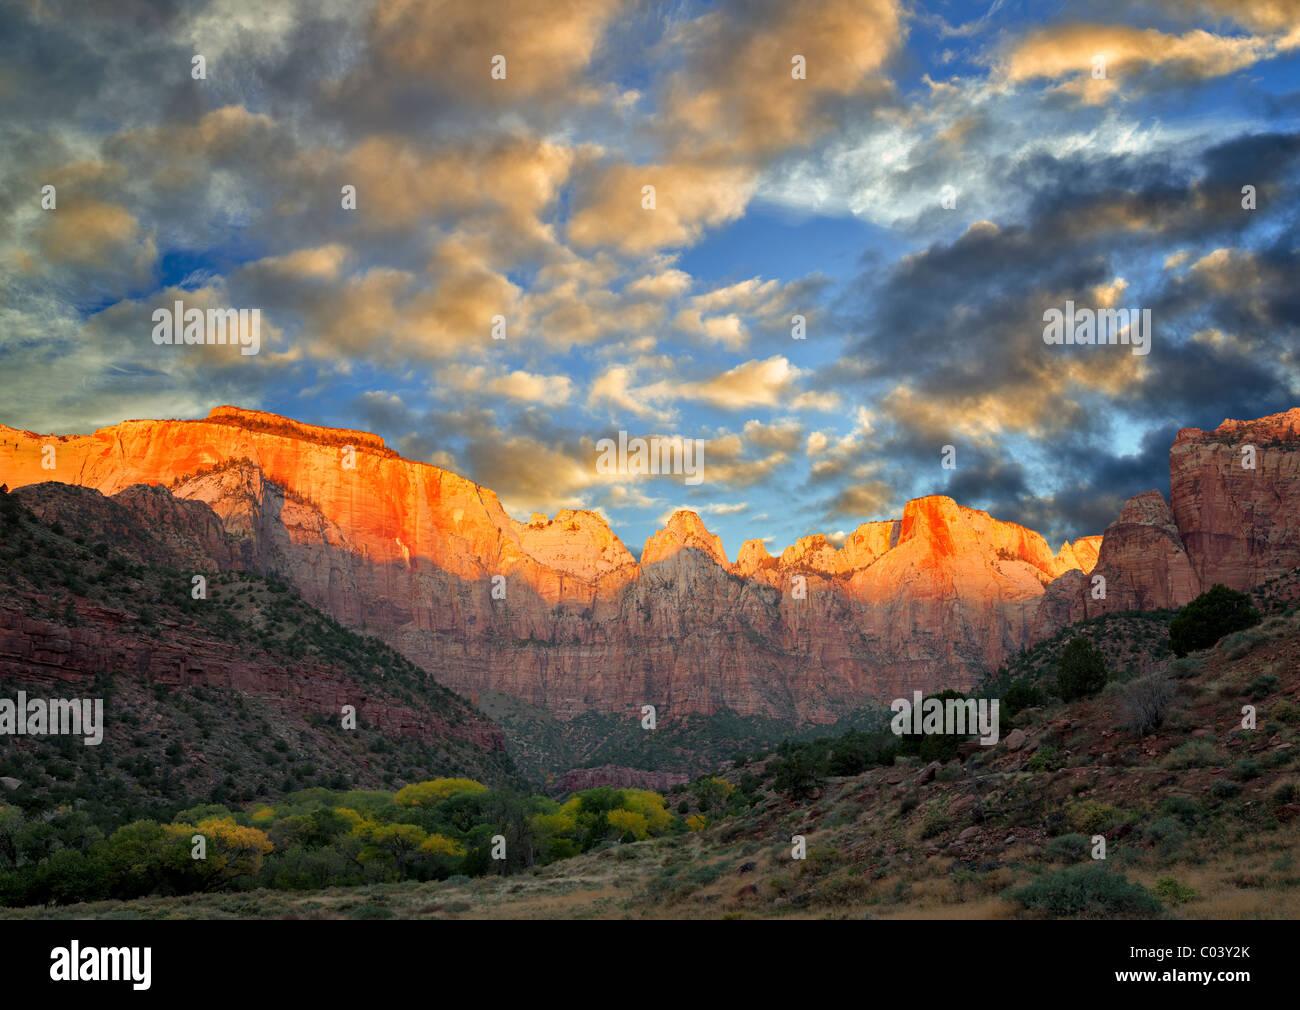 Tempio e torri della Vergine. Parco Nazionale di Zion, Utah. Un cielo è stato aggiunto. Immagini Stock